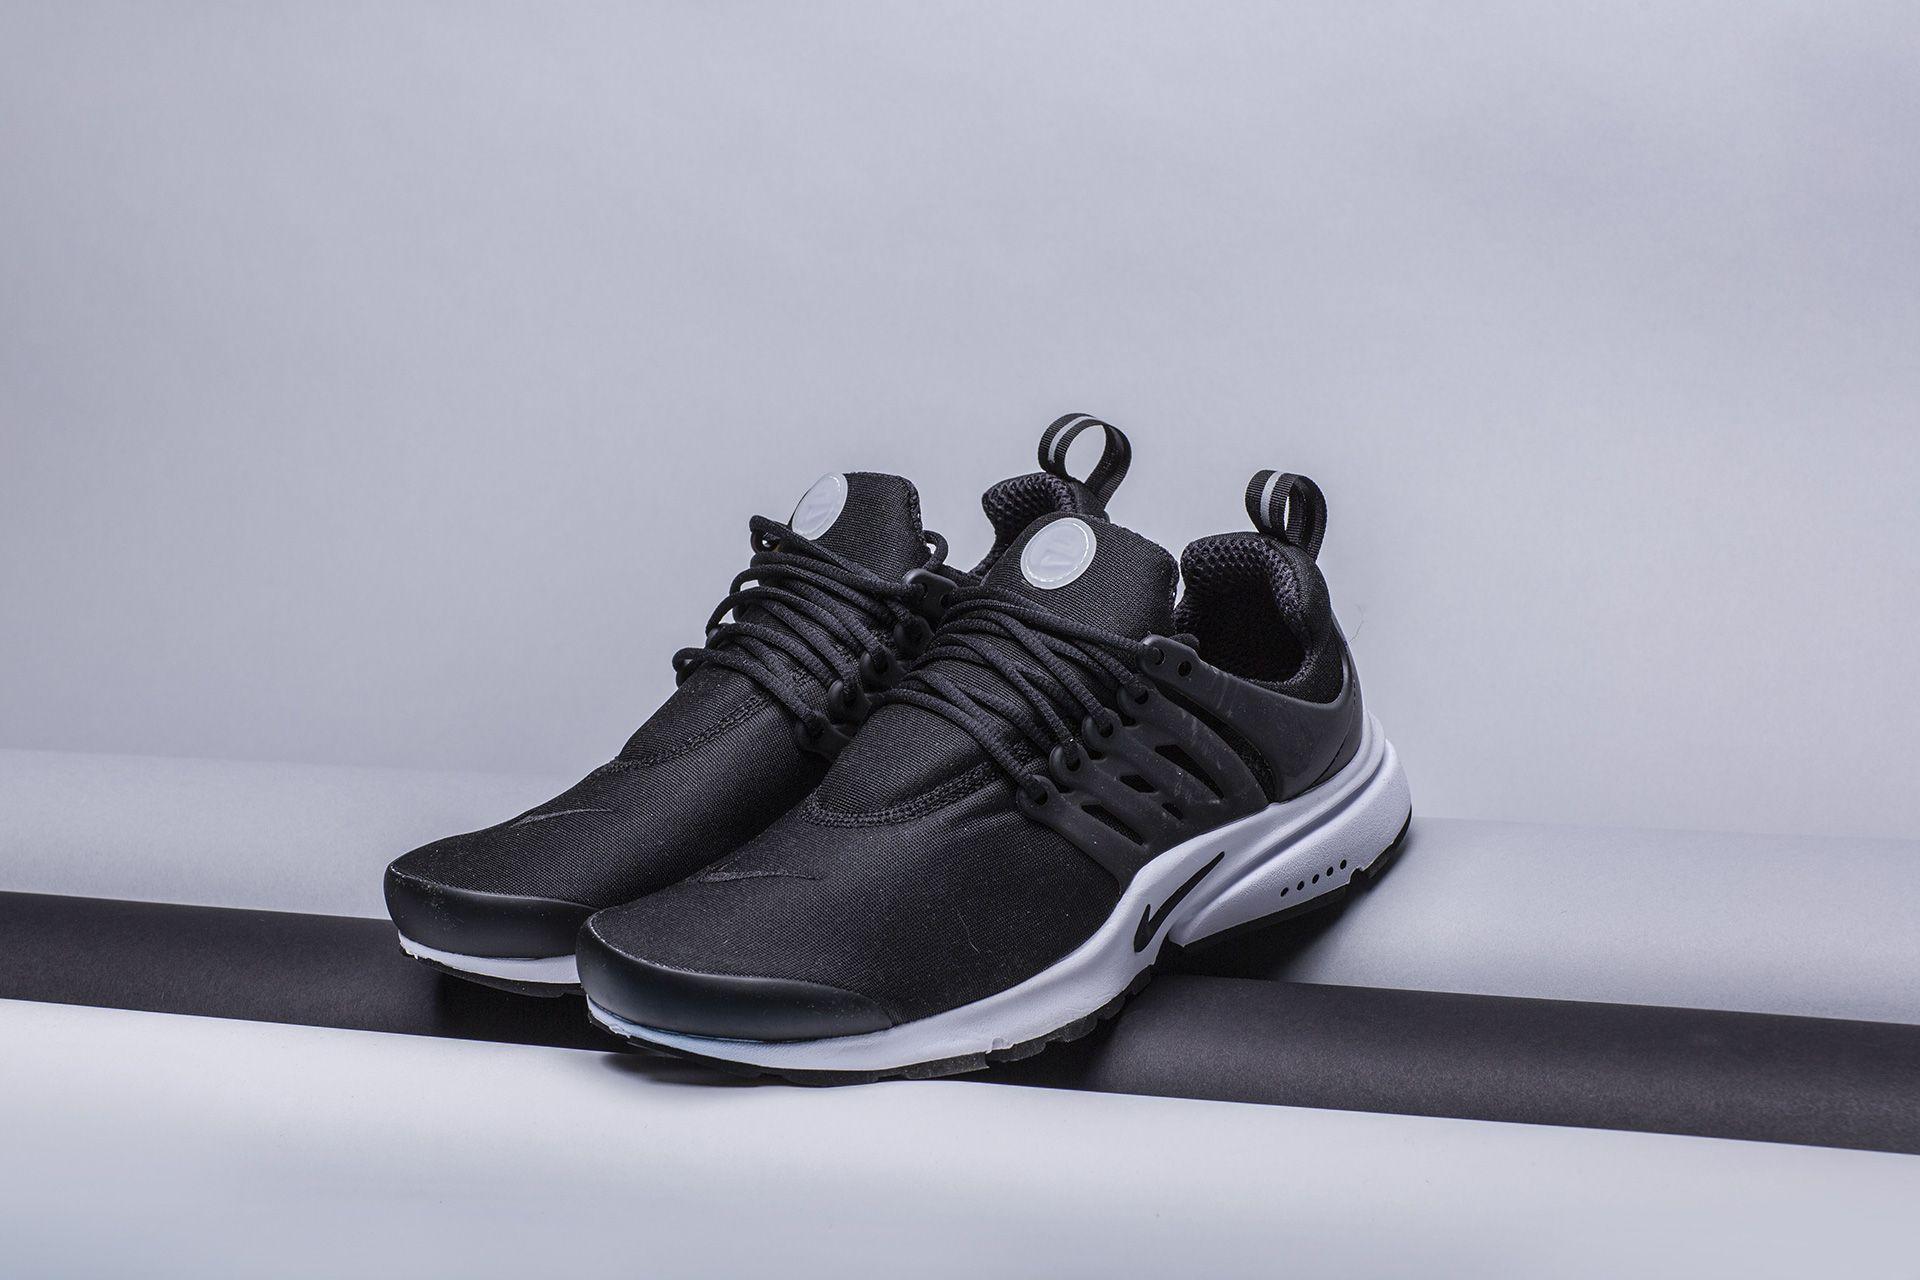 90aab11a Купить чёрные мужские кроссовки Air Presto Essential от Nike (848187 ...